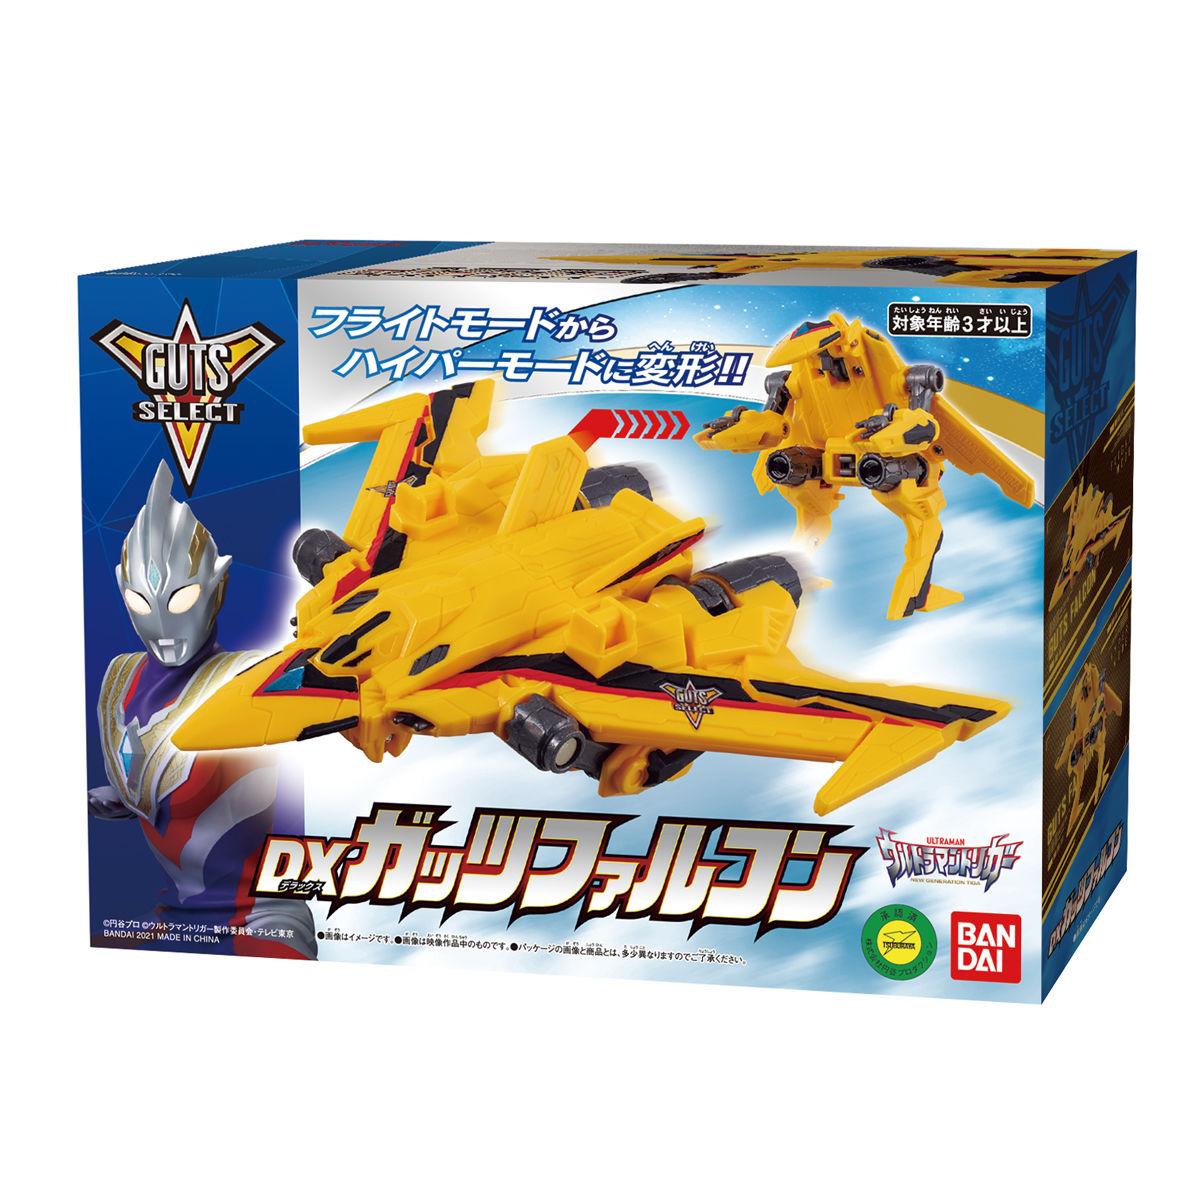 ウルトラマントリガー『DXガッツファルコン』可変可動フィギュア-006